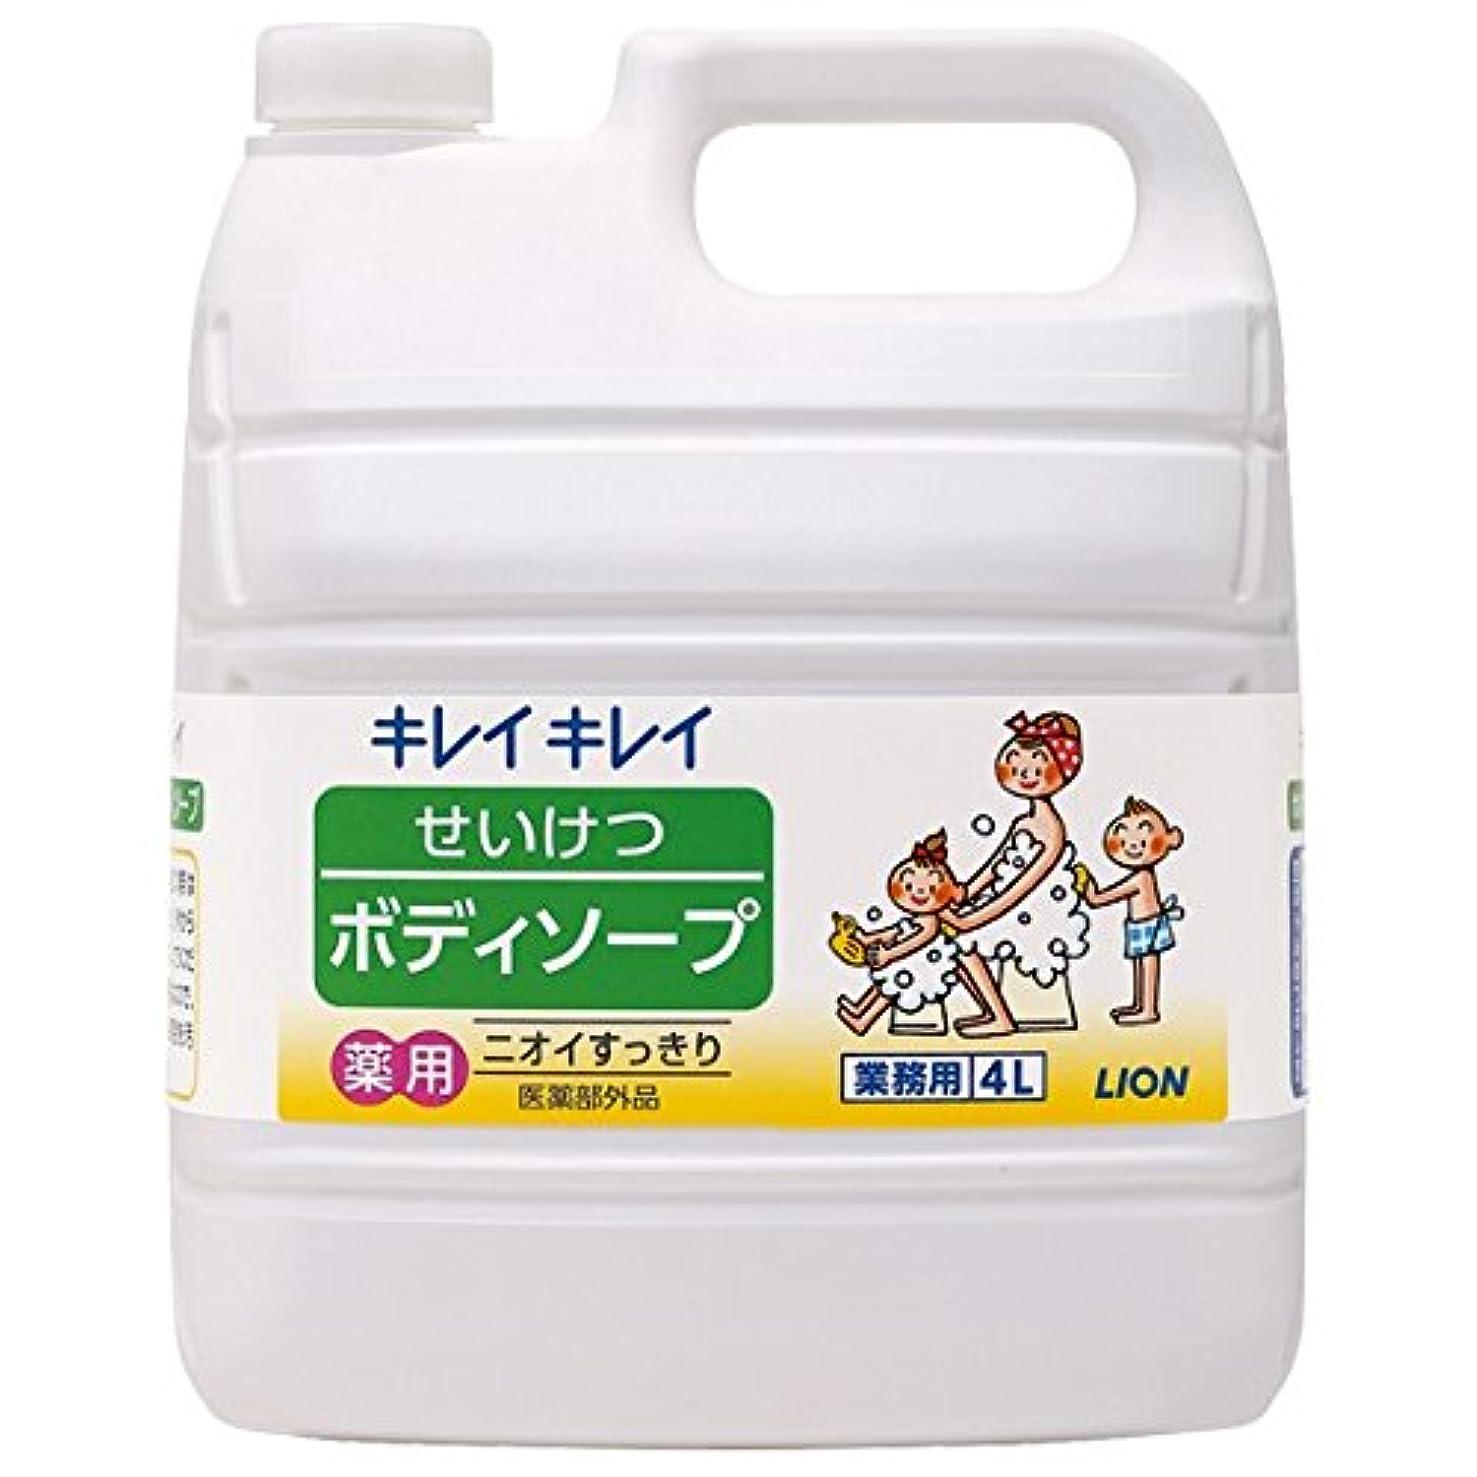 エンジンささやき流行ライオン キレイキレイ せいけつボディソープ さわやかなレモン&オレンジの香り 業務用 4L×3本